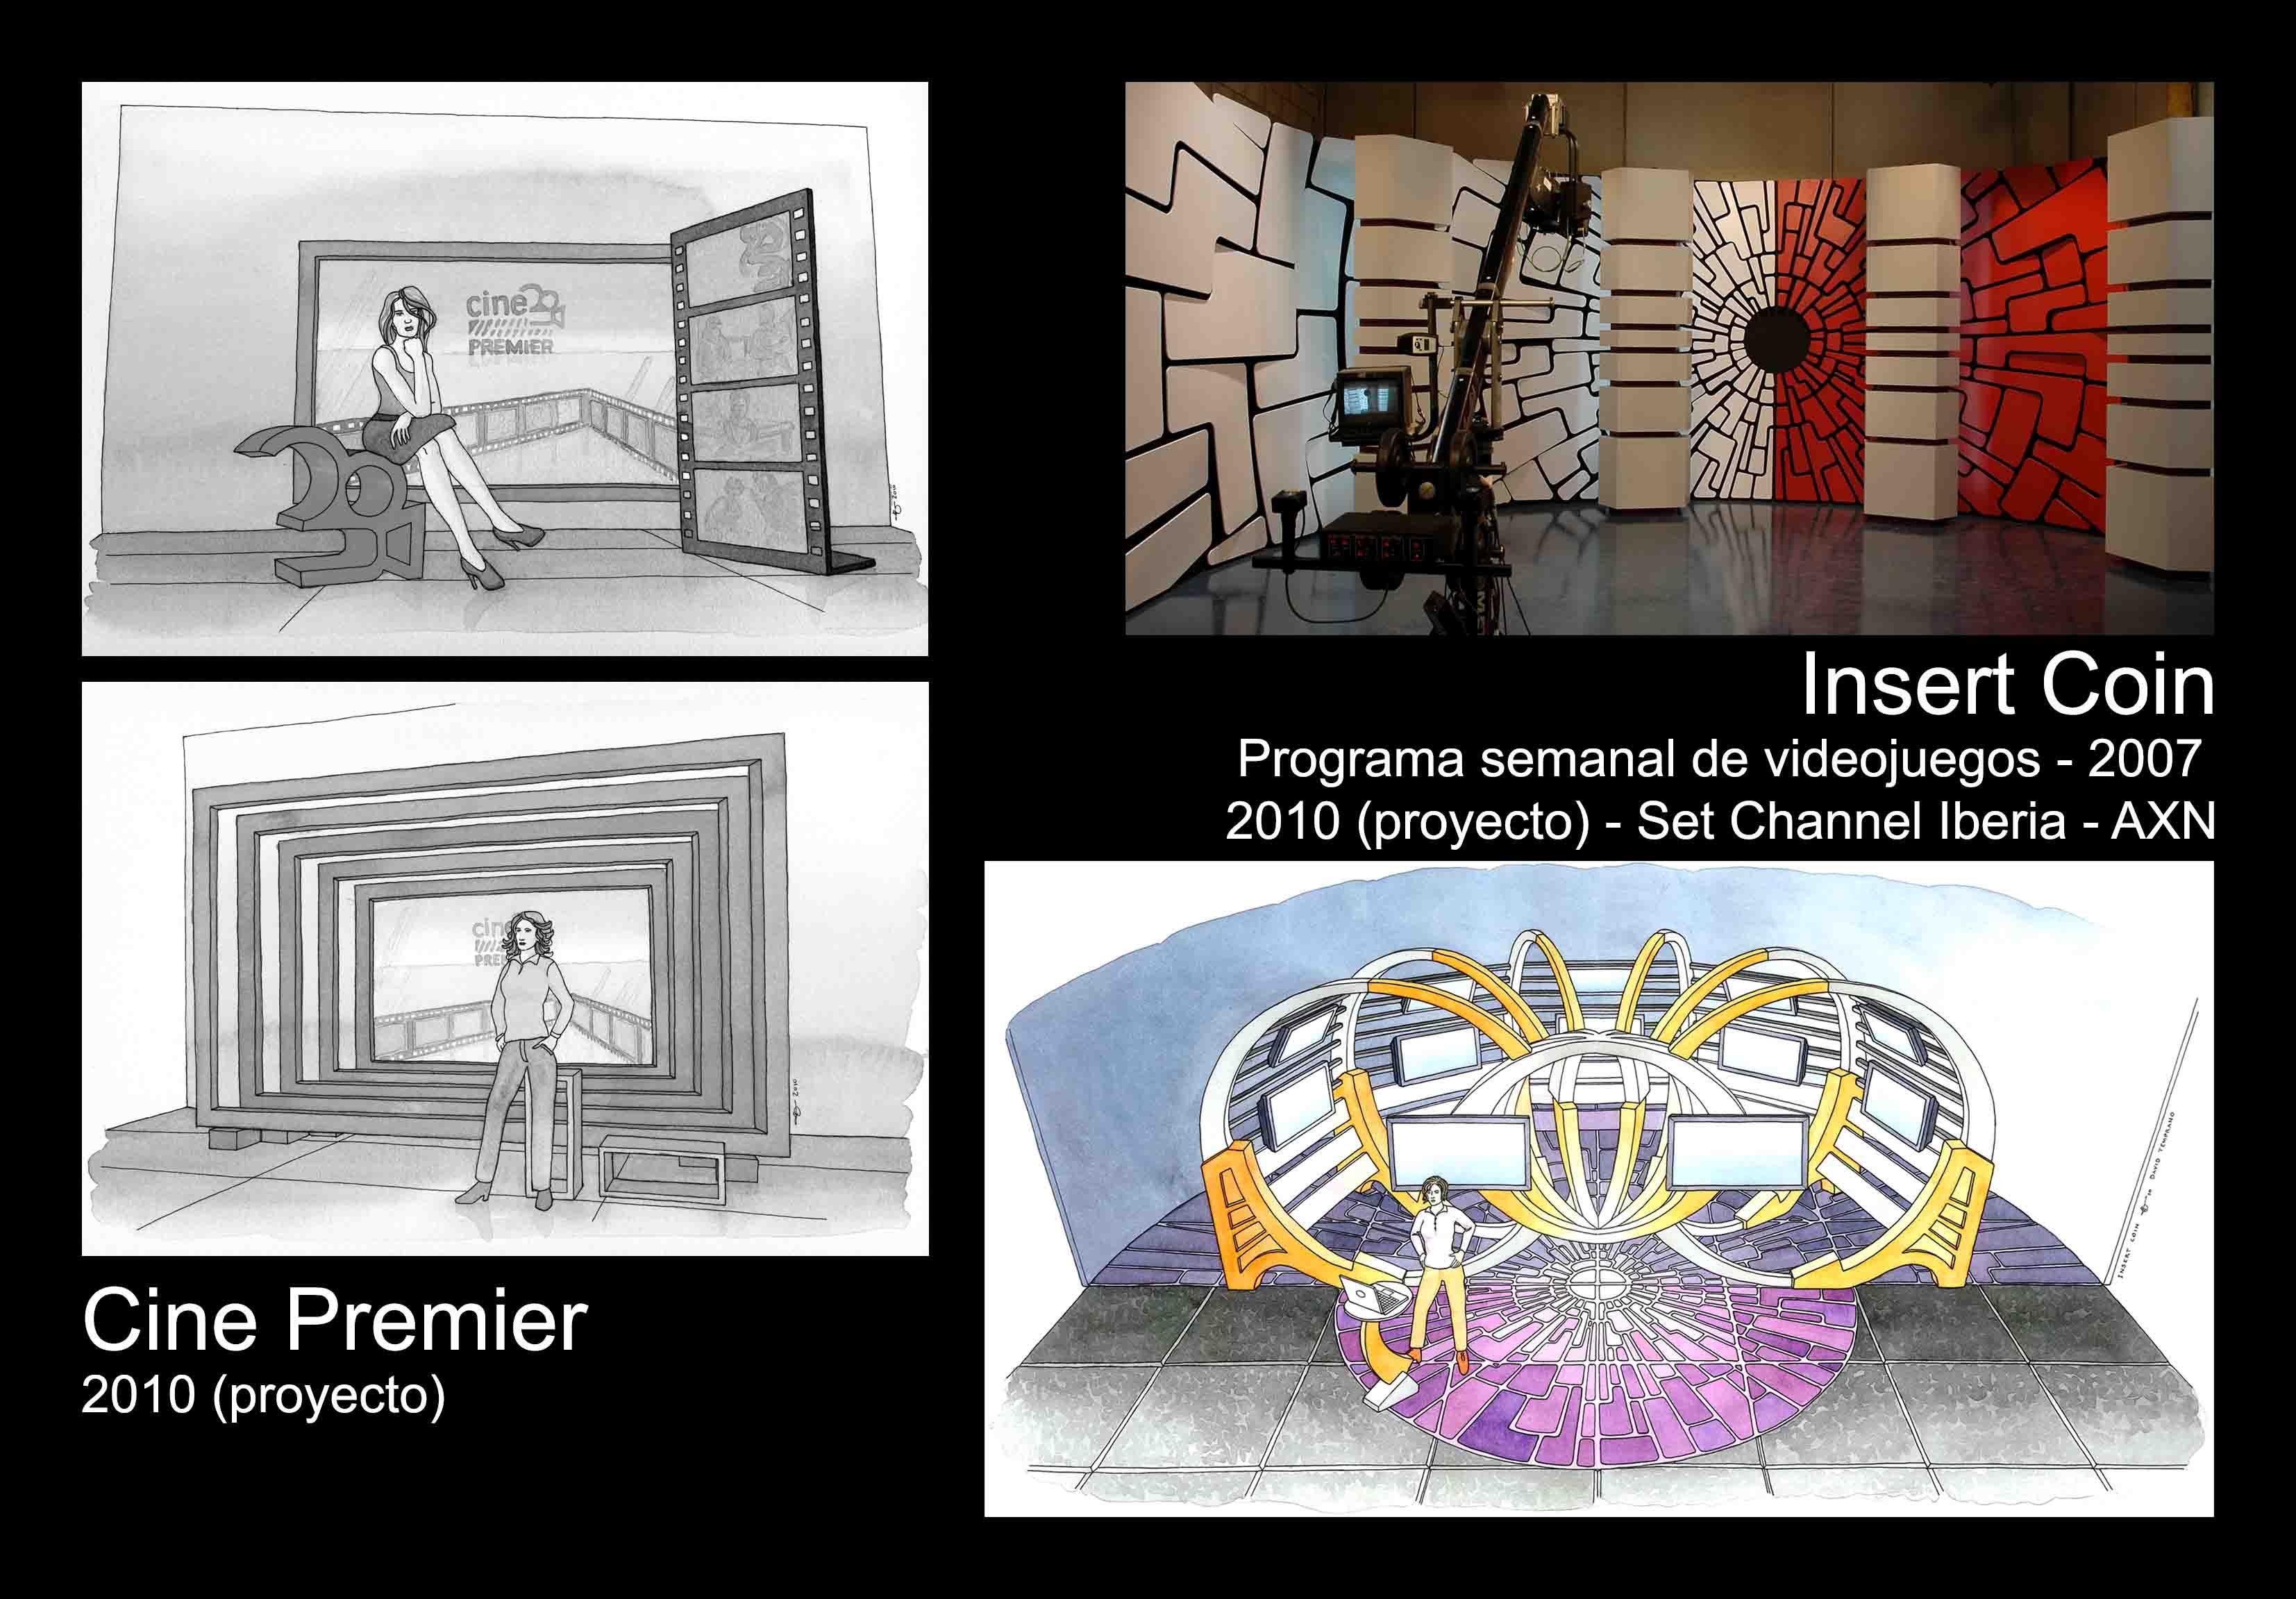 David Temprano b2007 y 2010 Insert Coin y Cine Premier 1